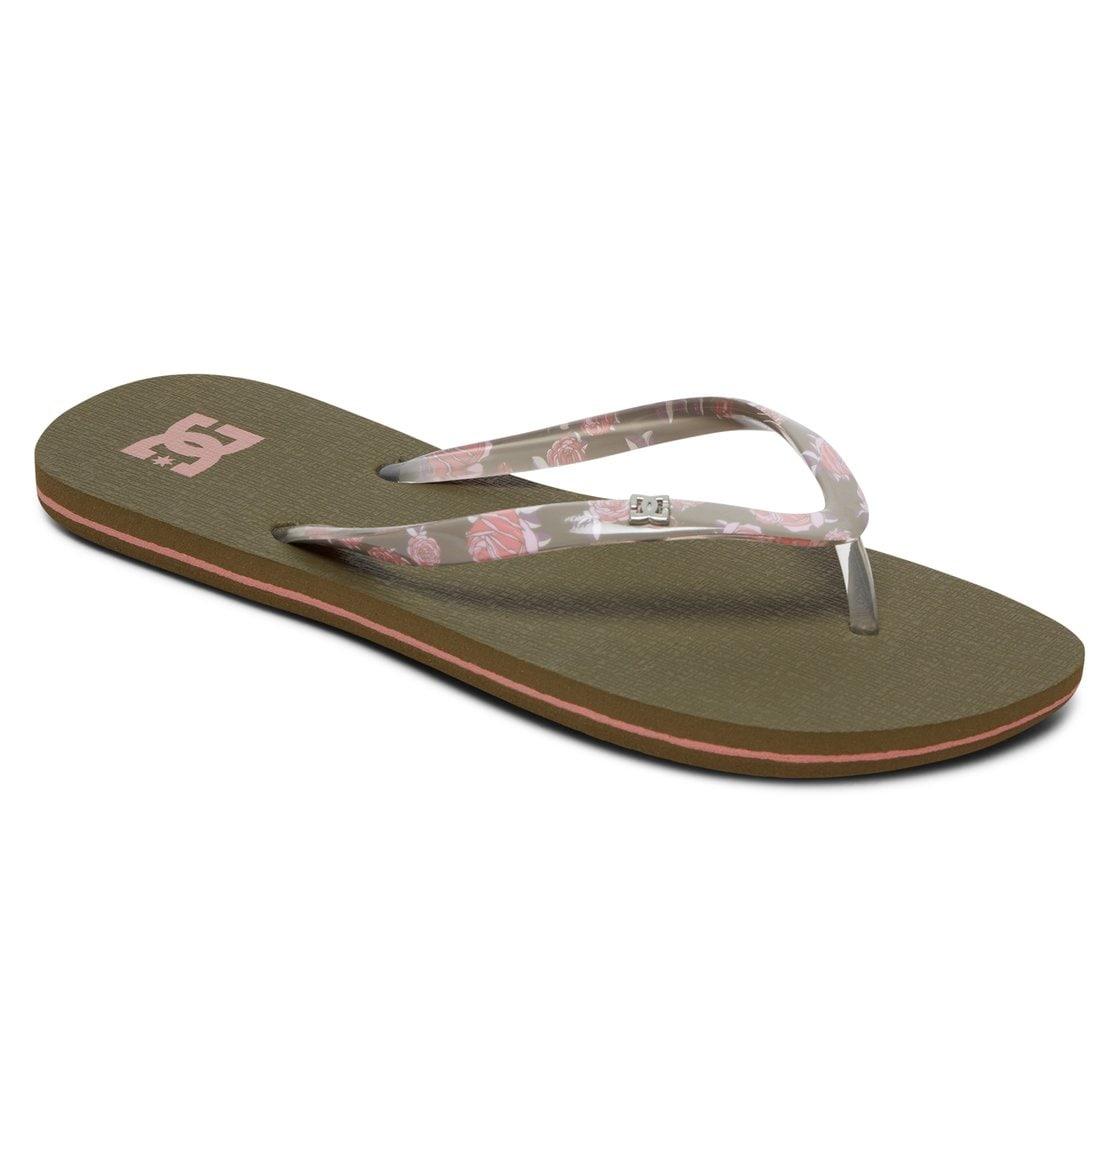 DC Shoes Sandale Spray SE grün Flats Sandalen Schuhe Unisex